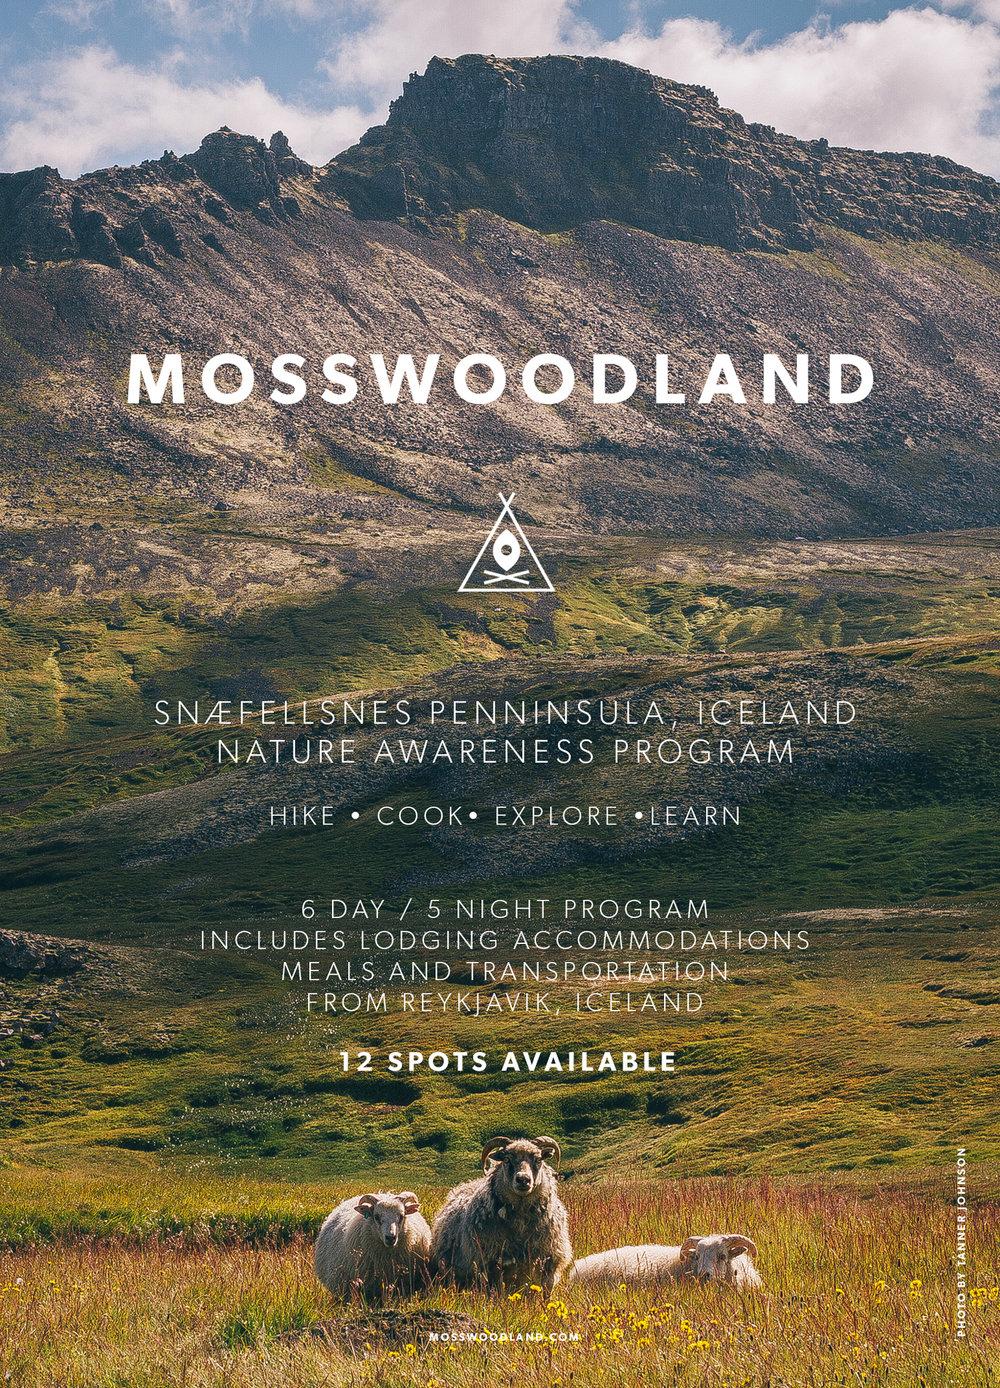 MOSSWOODLAND_TRAVELIMAGE_Iceland.jpg